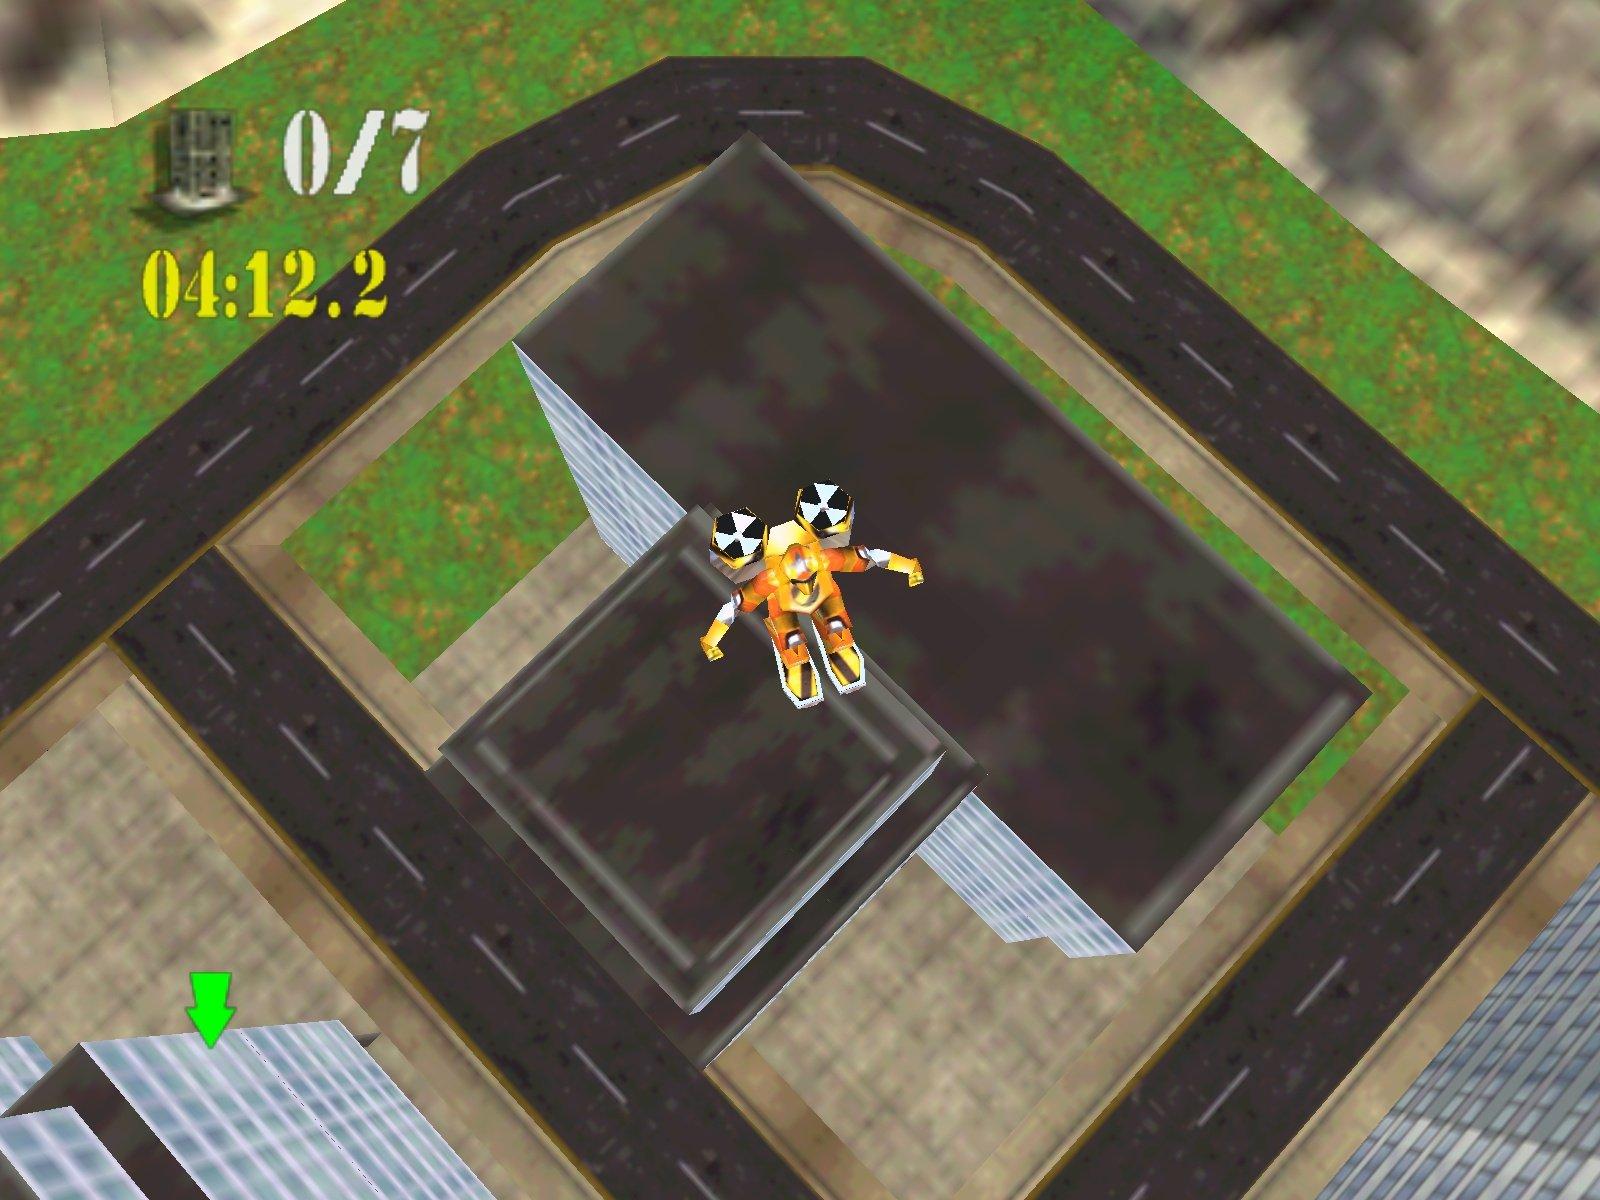 Blast lacrosse video game